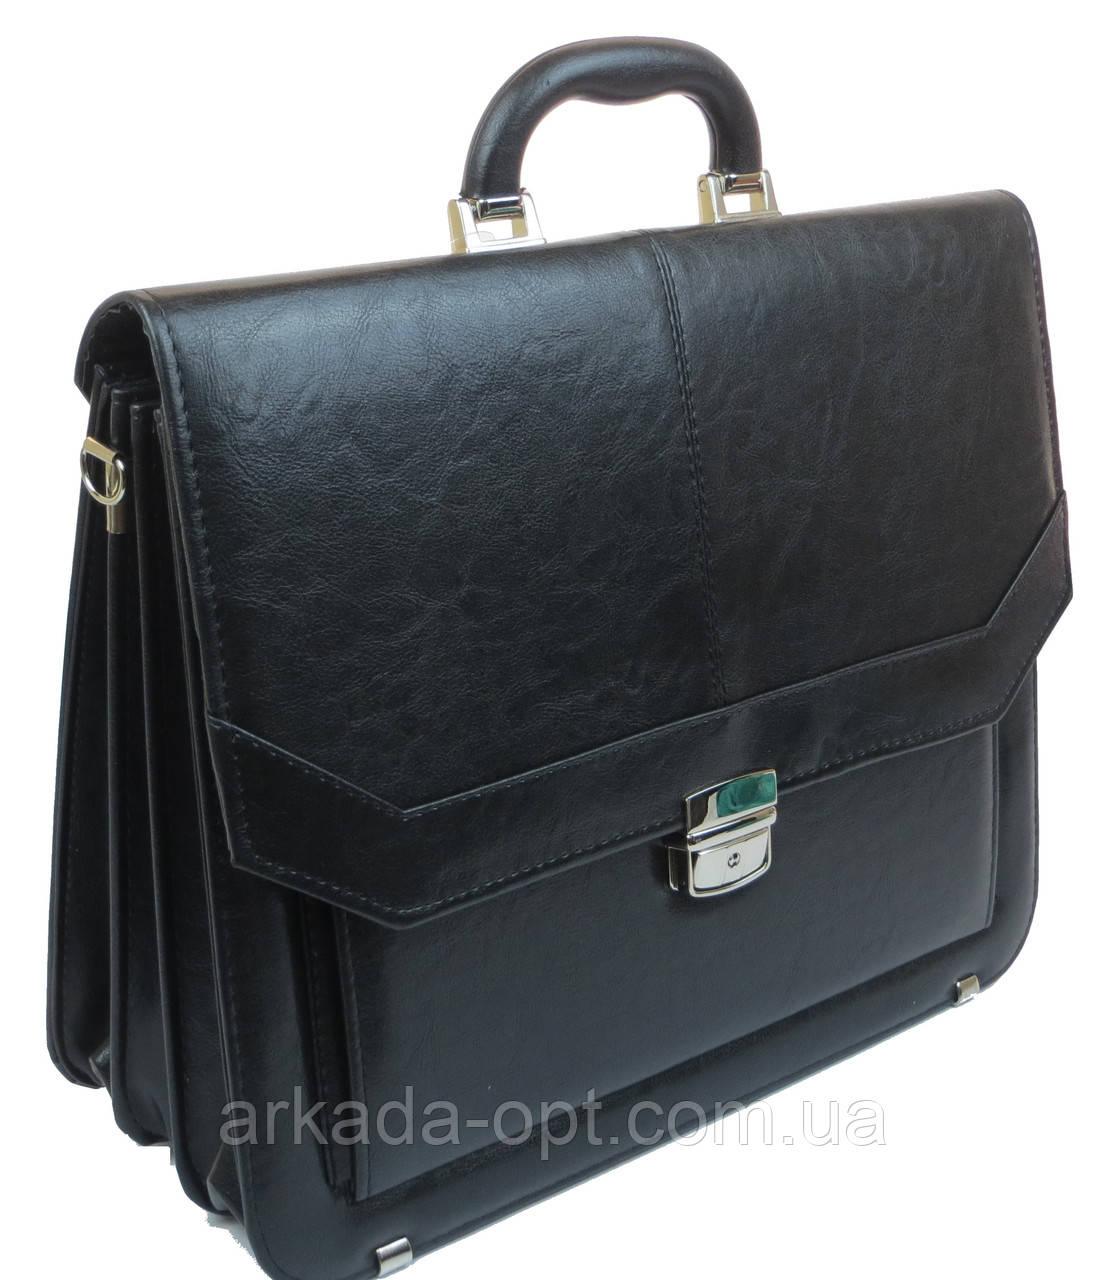 Чоловічий портфель Arwena Чорний (YP-0592)